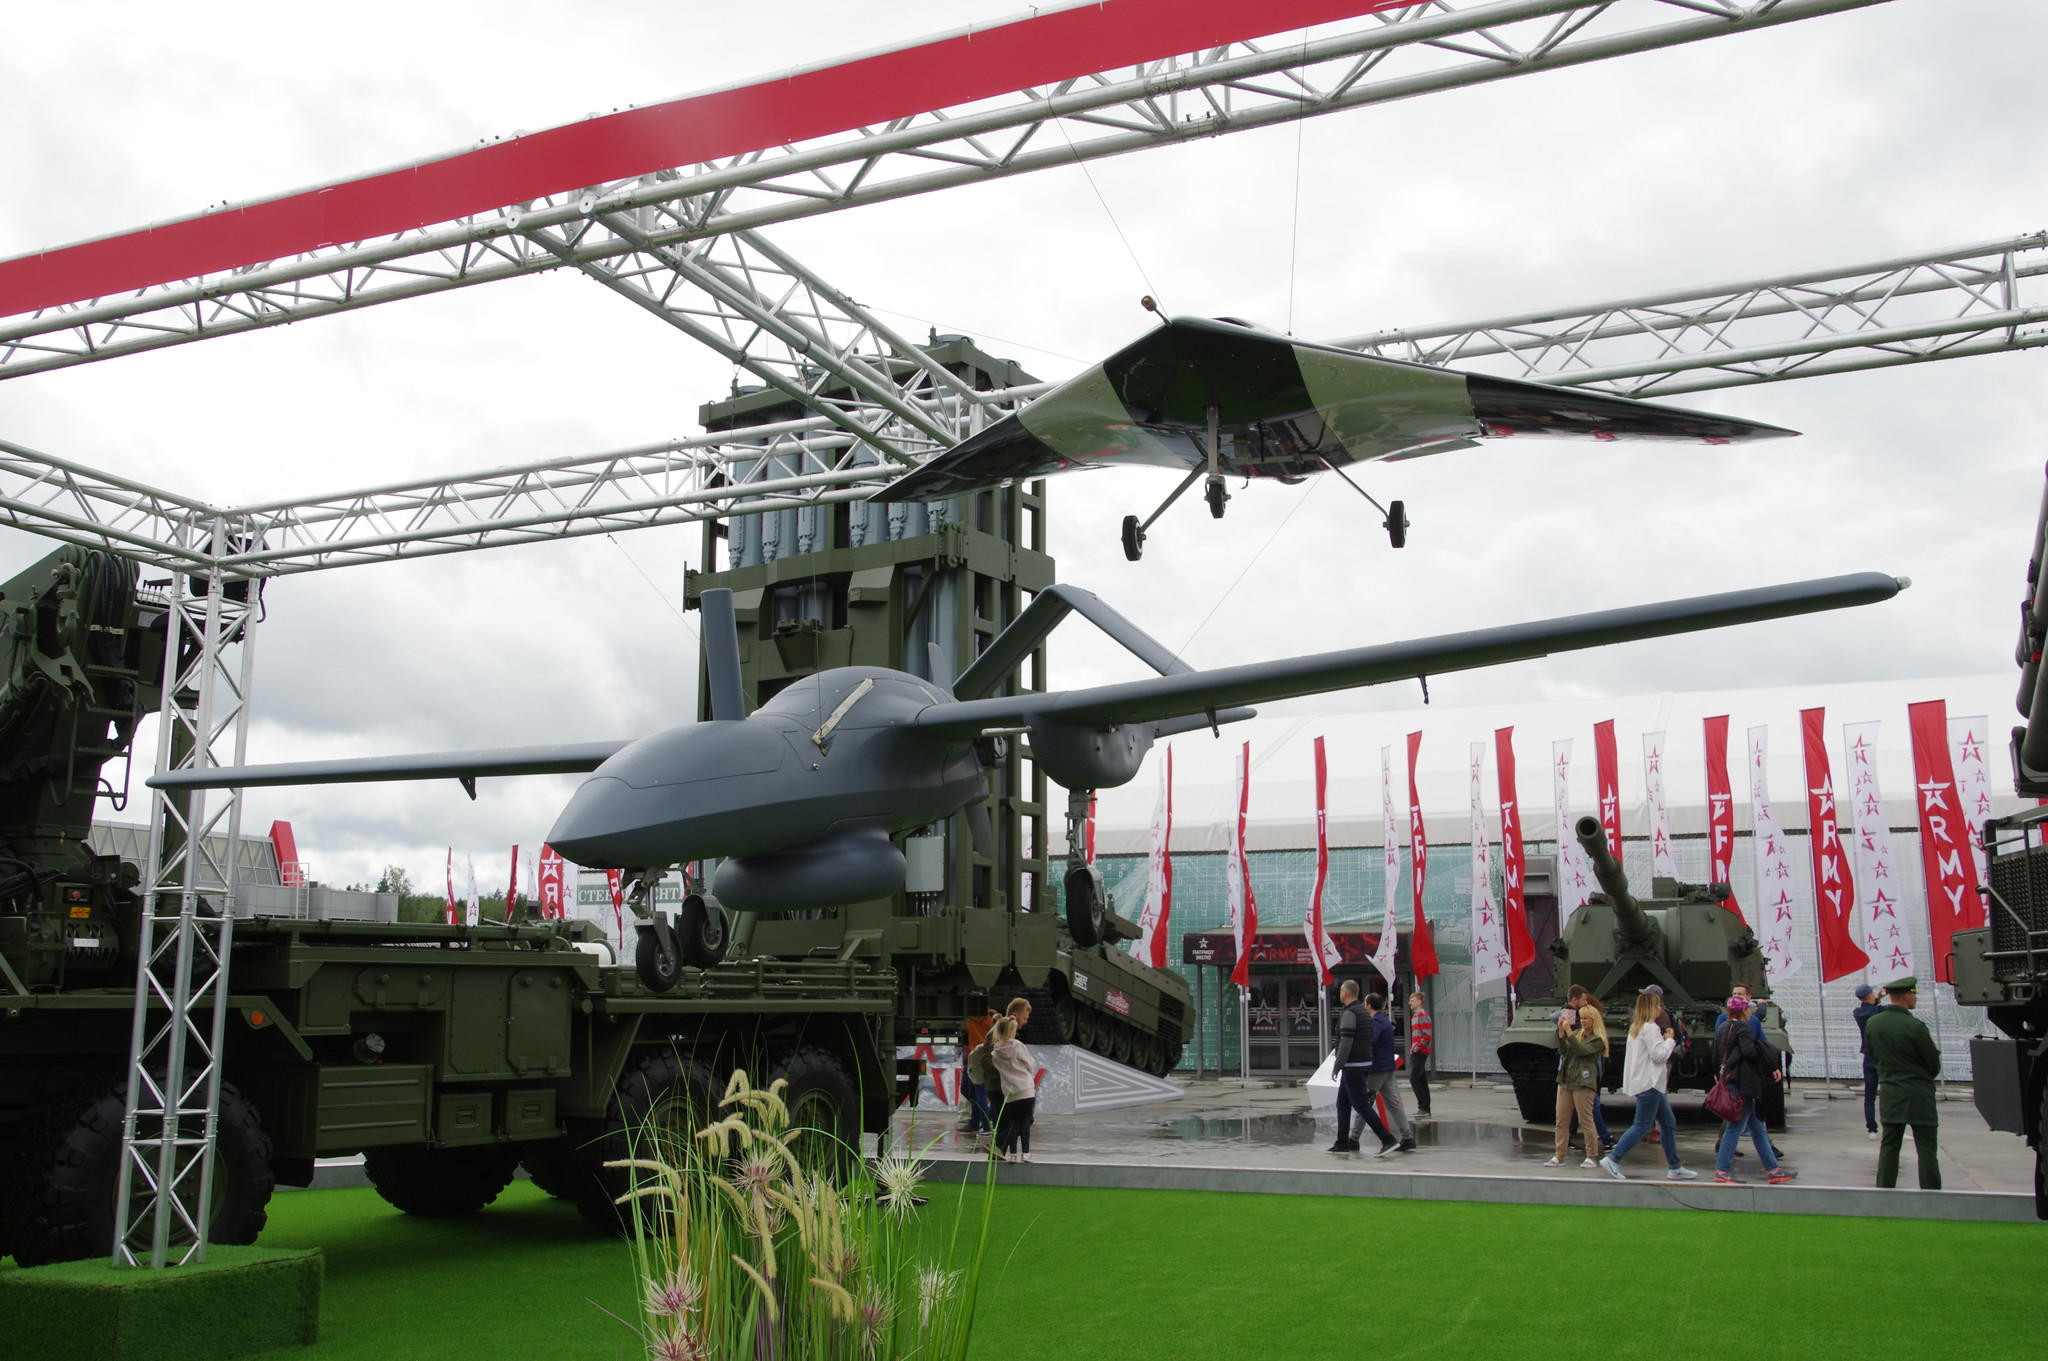 Средний разведывательный БЛА малой дальности «Корсар» и масштабный лётный демонстратор ударного БЛА «Охотник»